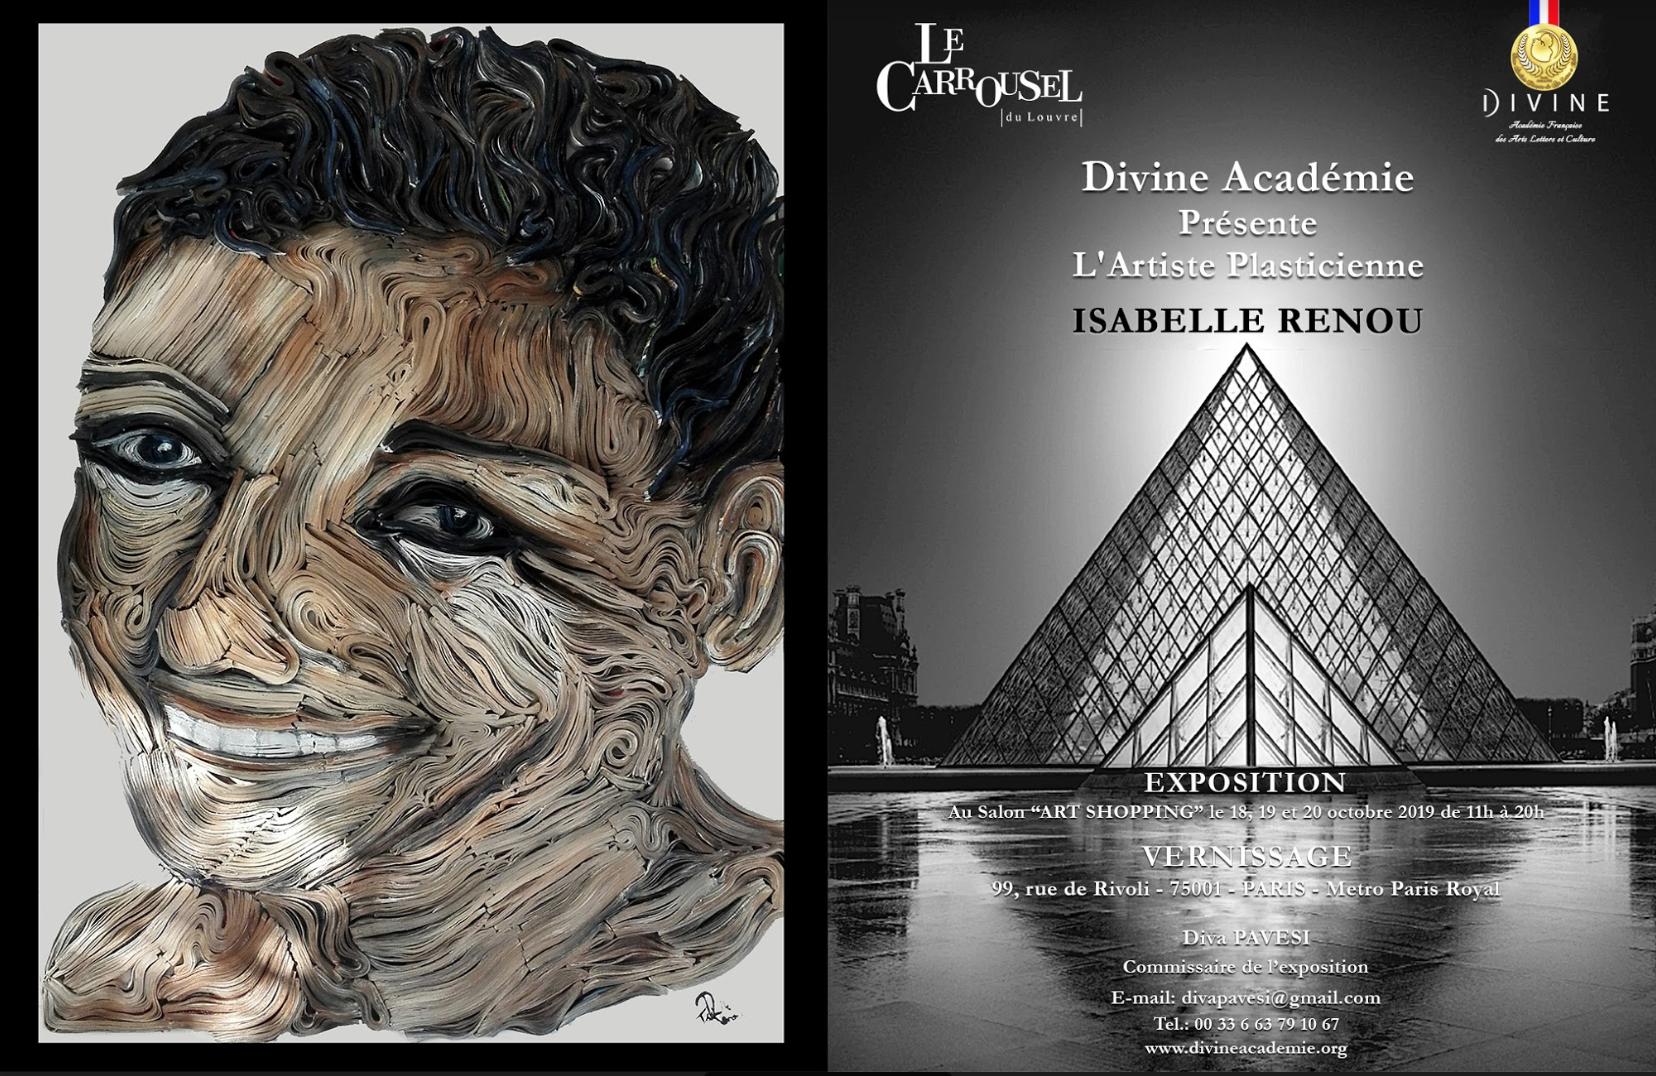 CARROUSEL DU LOUVRE SALON ART SHOPPING 2019  ISABELLE RENOU EXPOSE CHEZ DIVINE ACADÉMIE